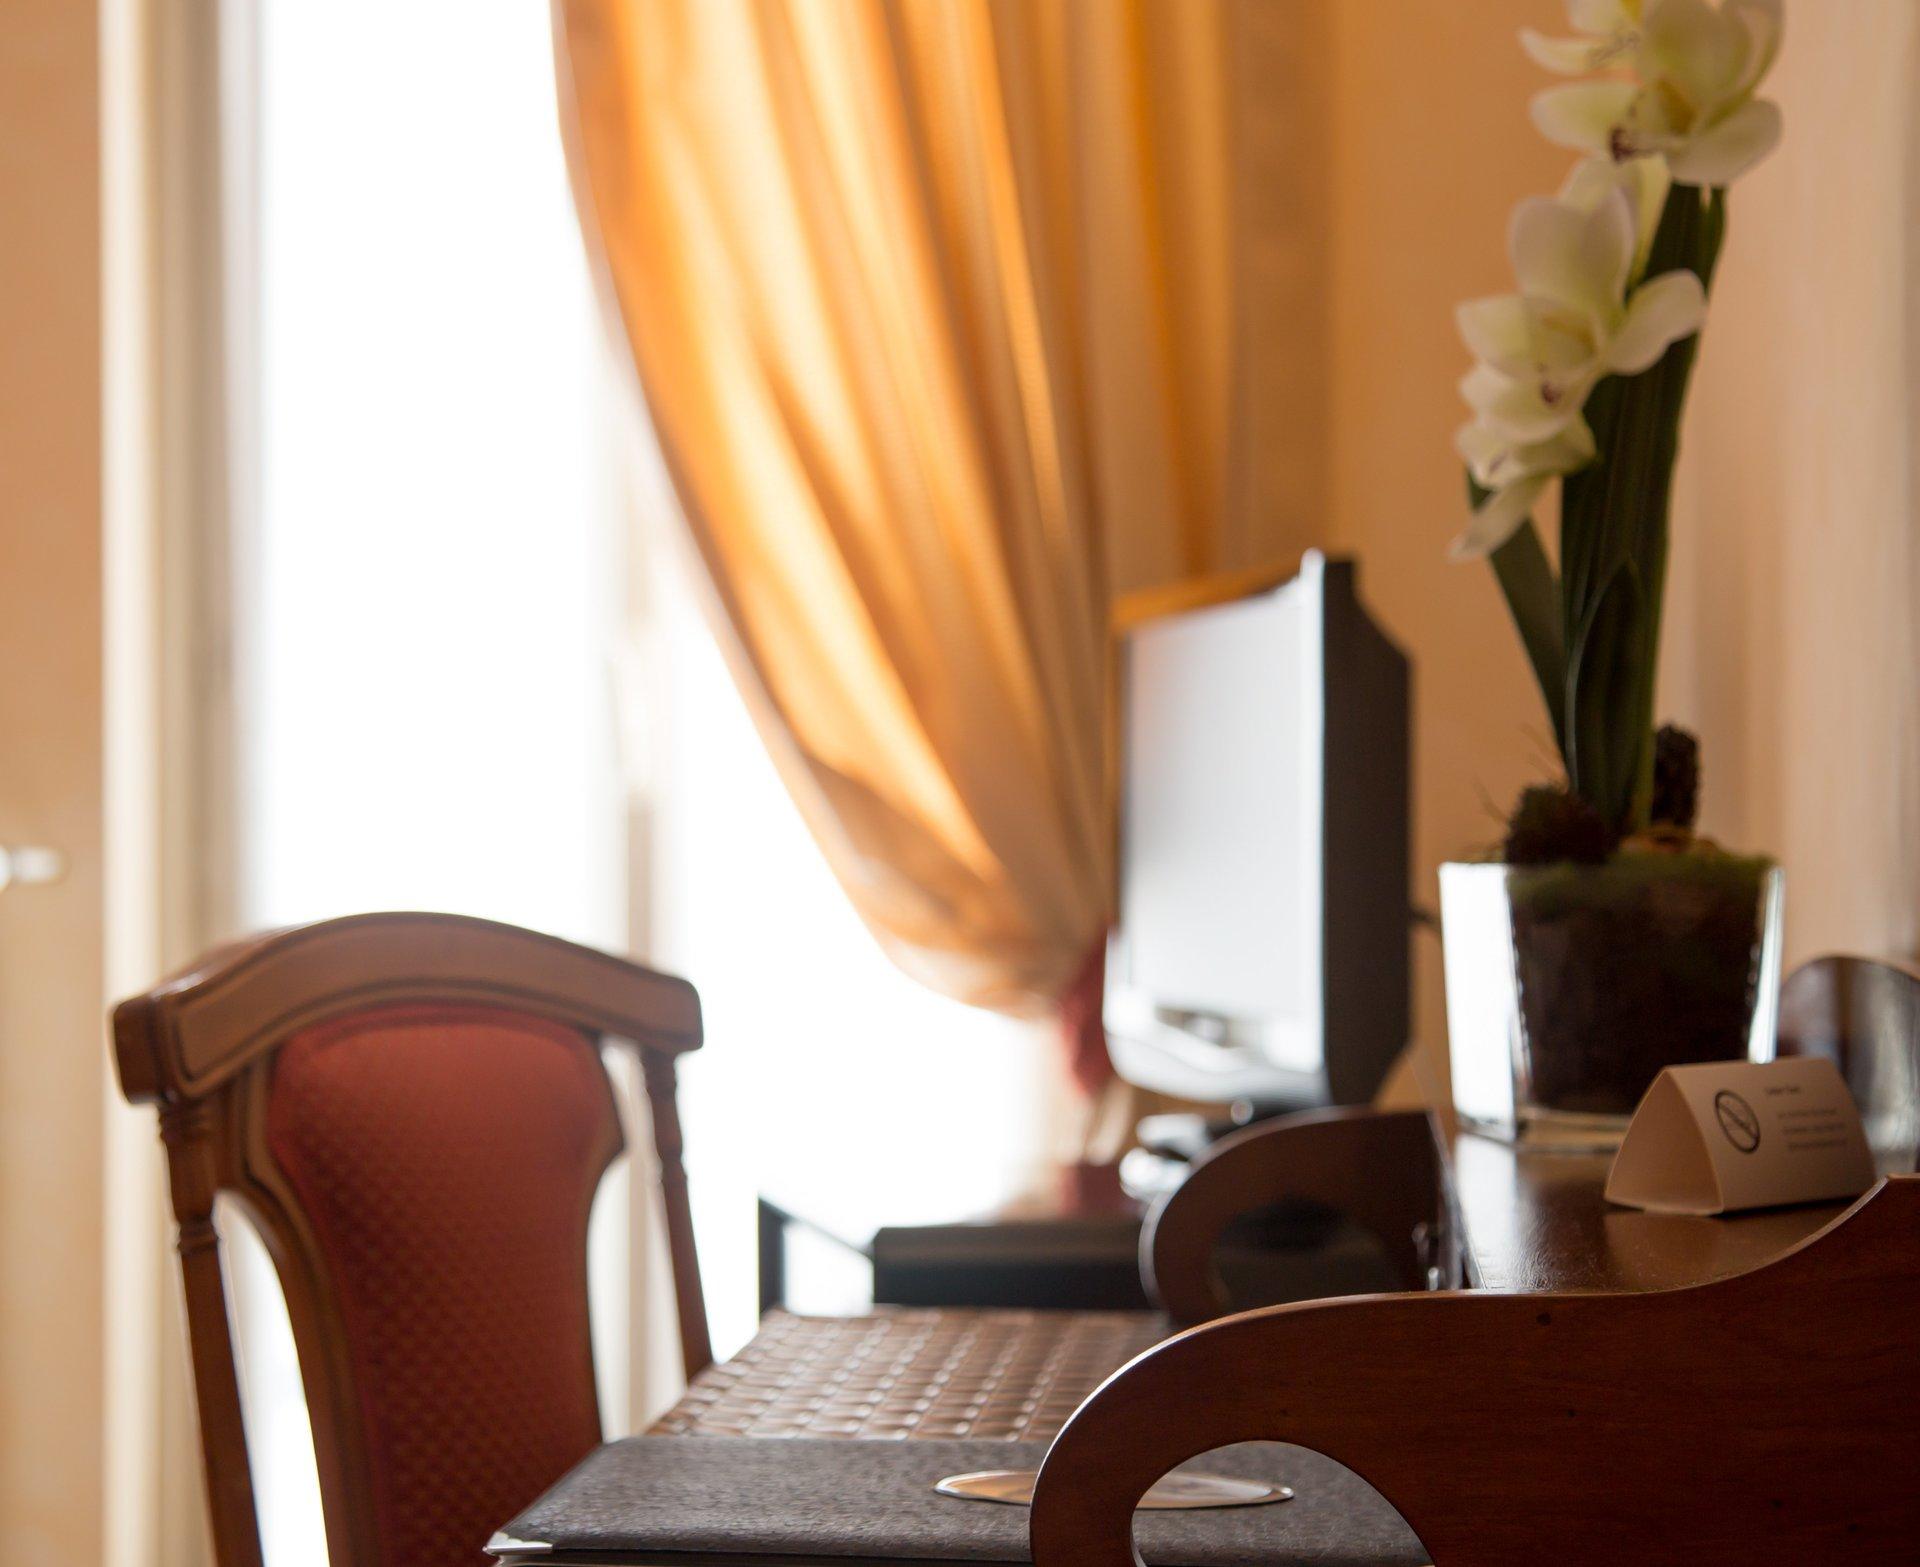 scrivania e sedia di una stanza d'albergo